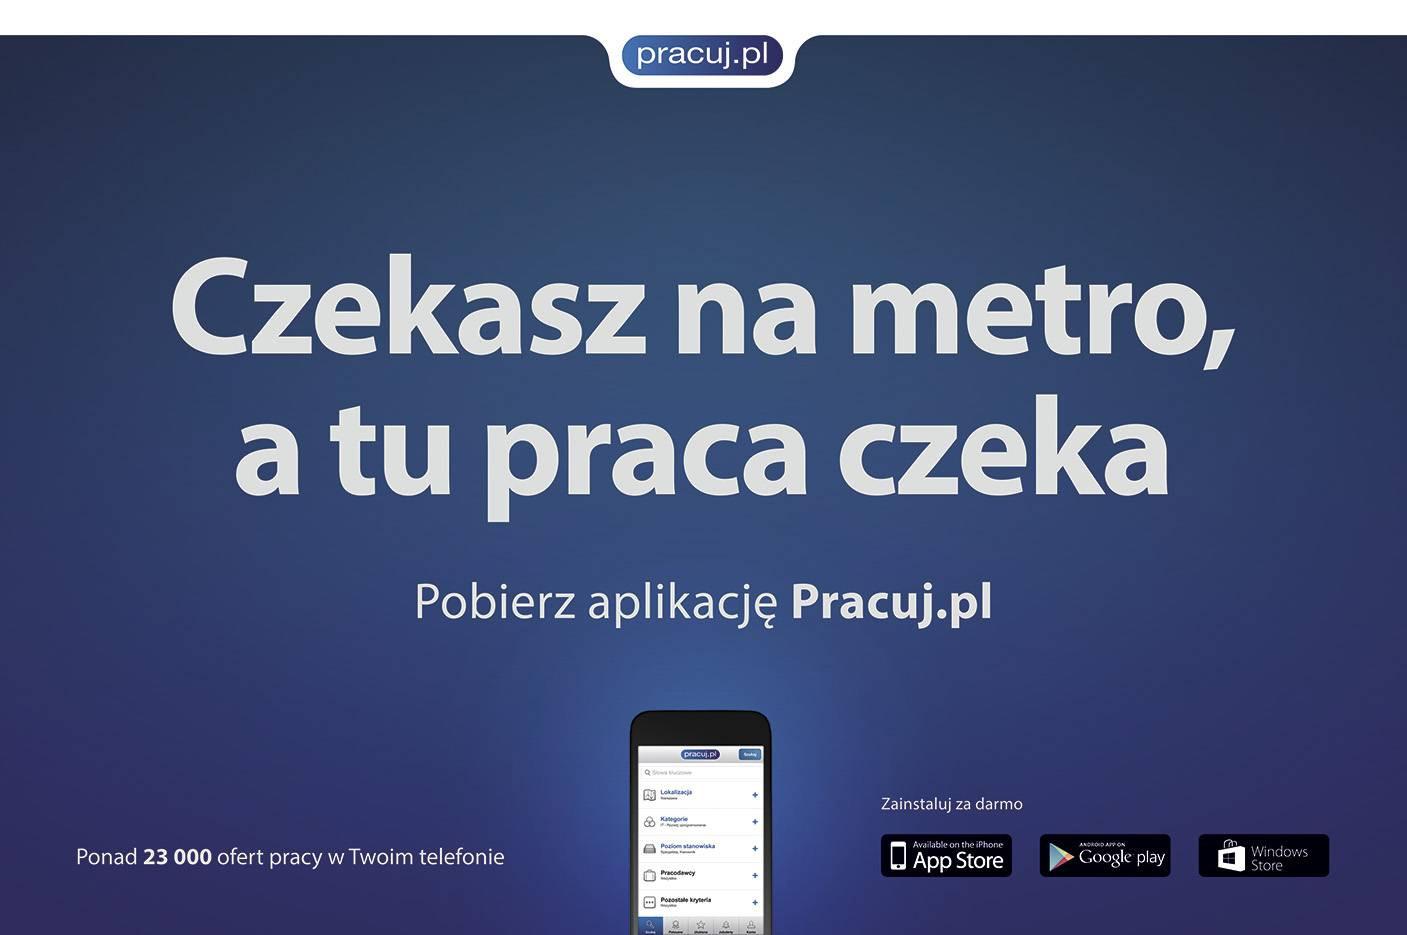 Работа в Польше вакансии в pracuj.pl